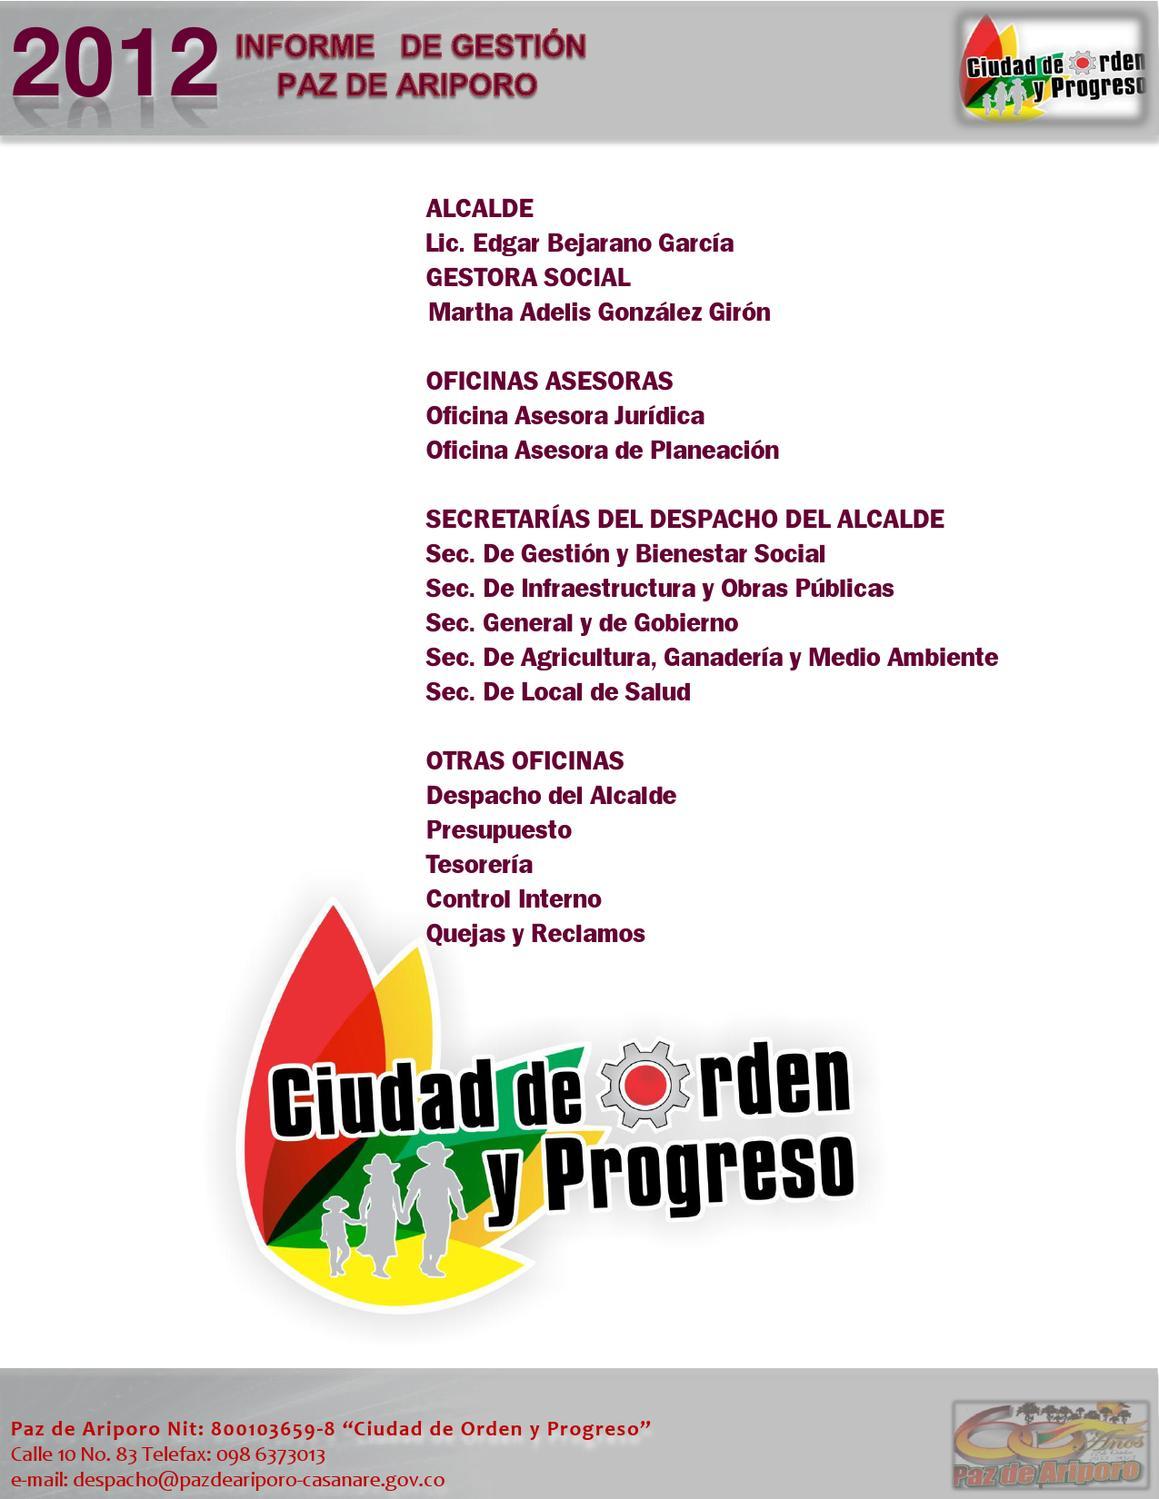 INFORME RENDICION CUENTAS 2012 ALCALDIA DE PAZ DE ARIPORO by Daniel ...